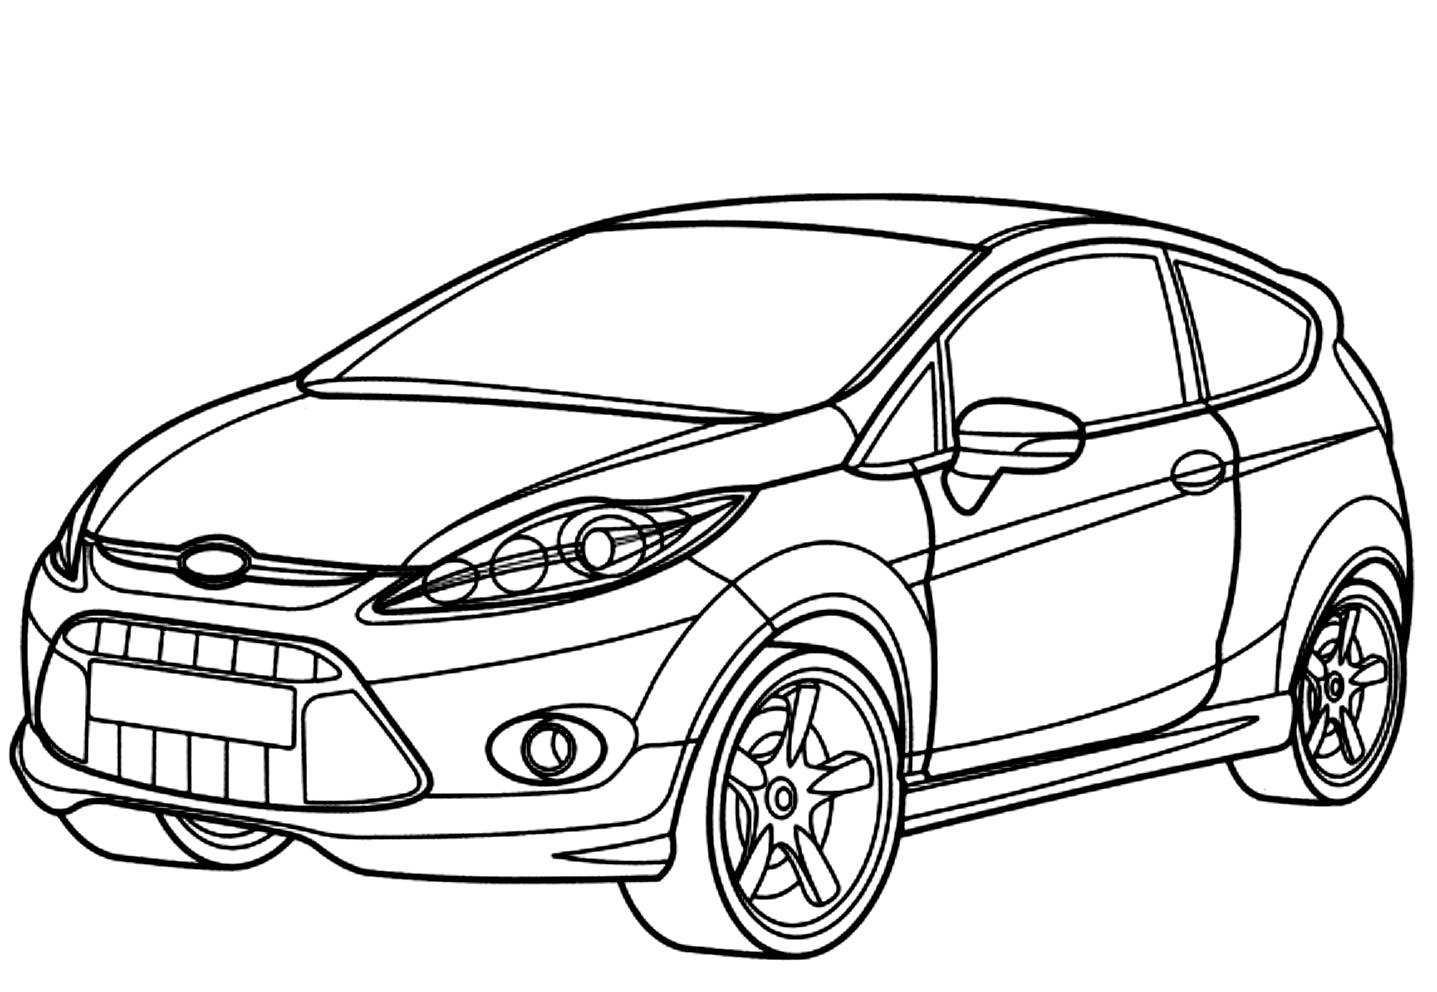 Disegno 17 Di Automobili Da Colorare